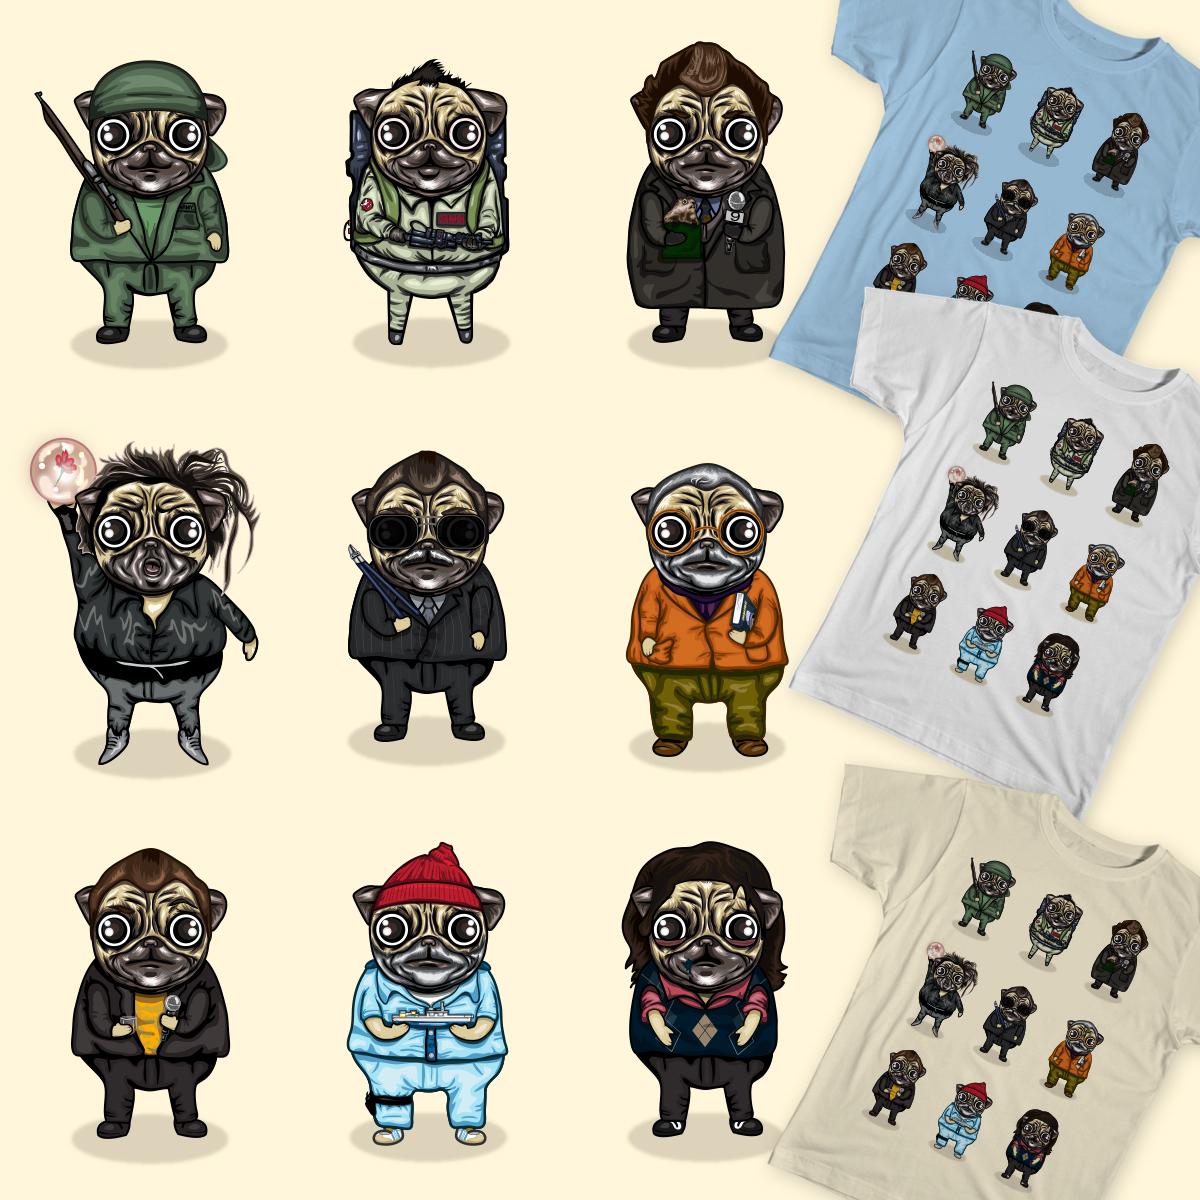 Pug Murrays by AdamCain on Threadless